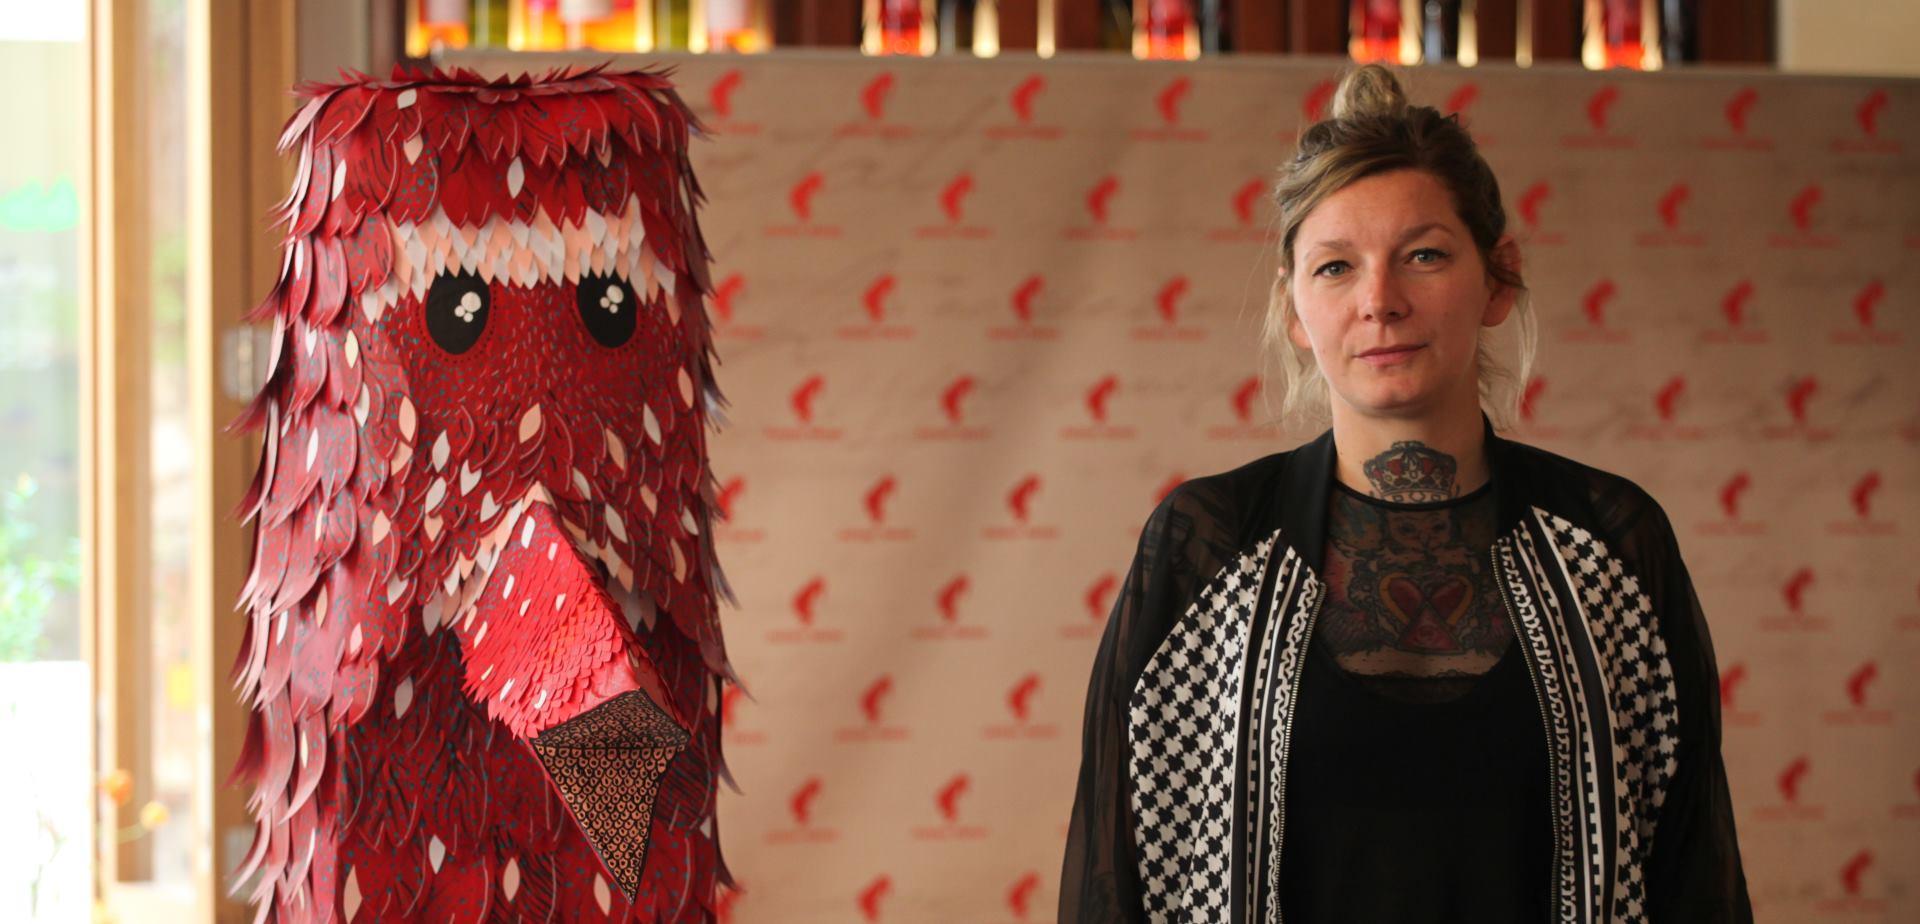 FOTO: JULIUS MEINL Mlada umjetnica OKO predstavila 'poetsku' skulpturu